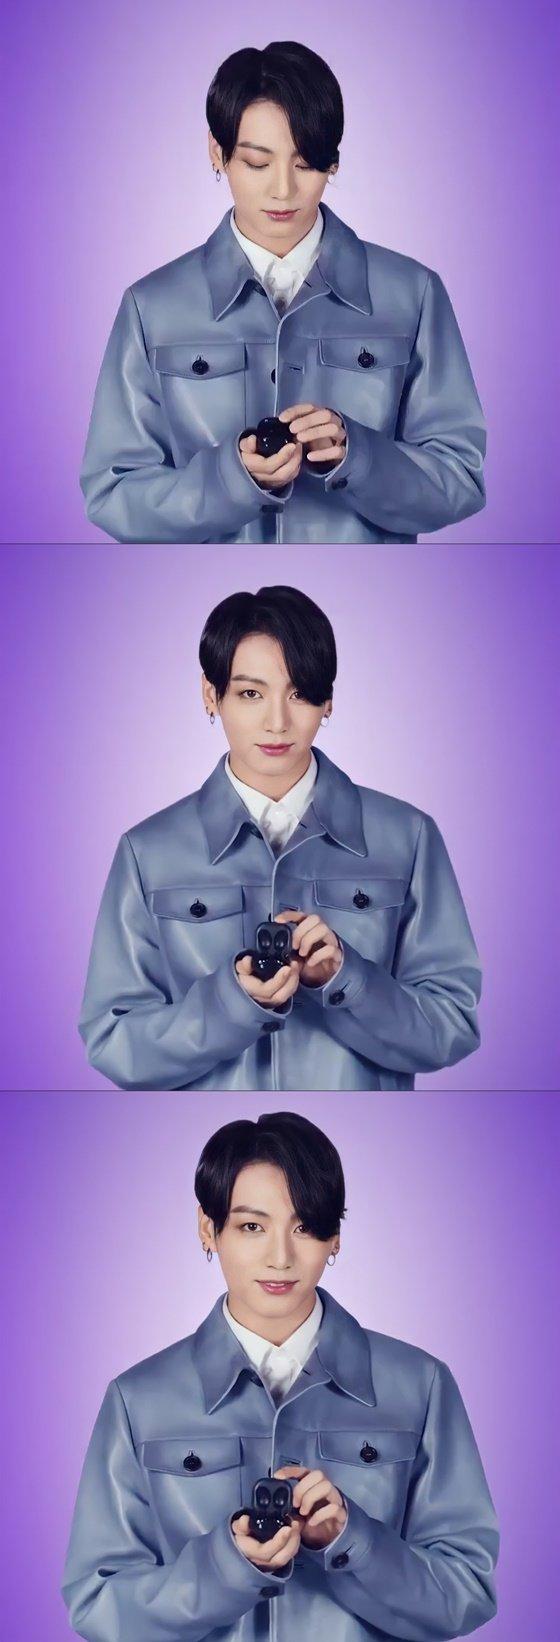 방탄소년단 정국(BTS JUNGKOOK) /사진=삼성 모바일 공식 SNS